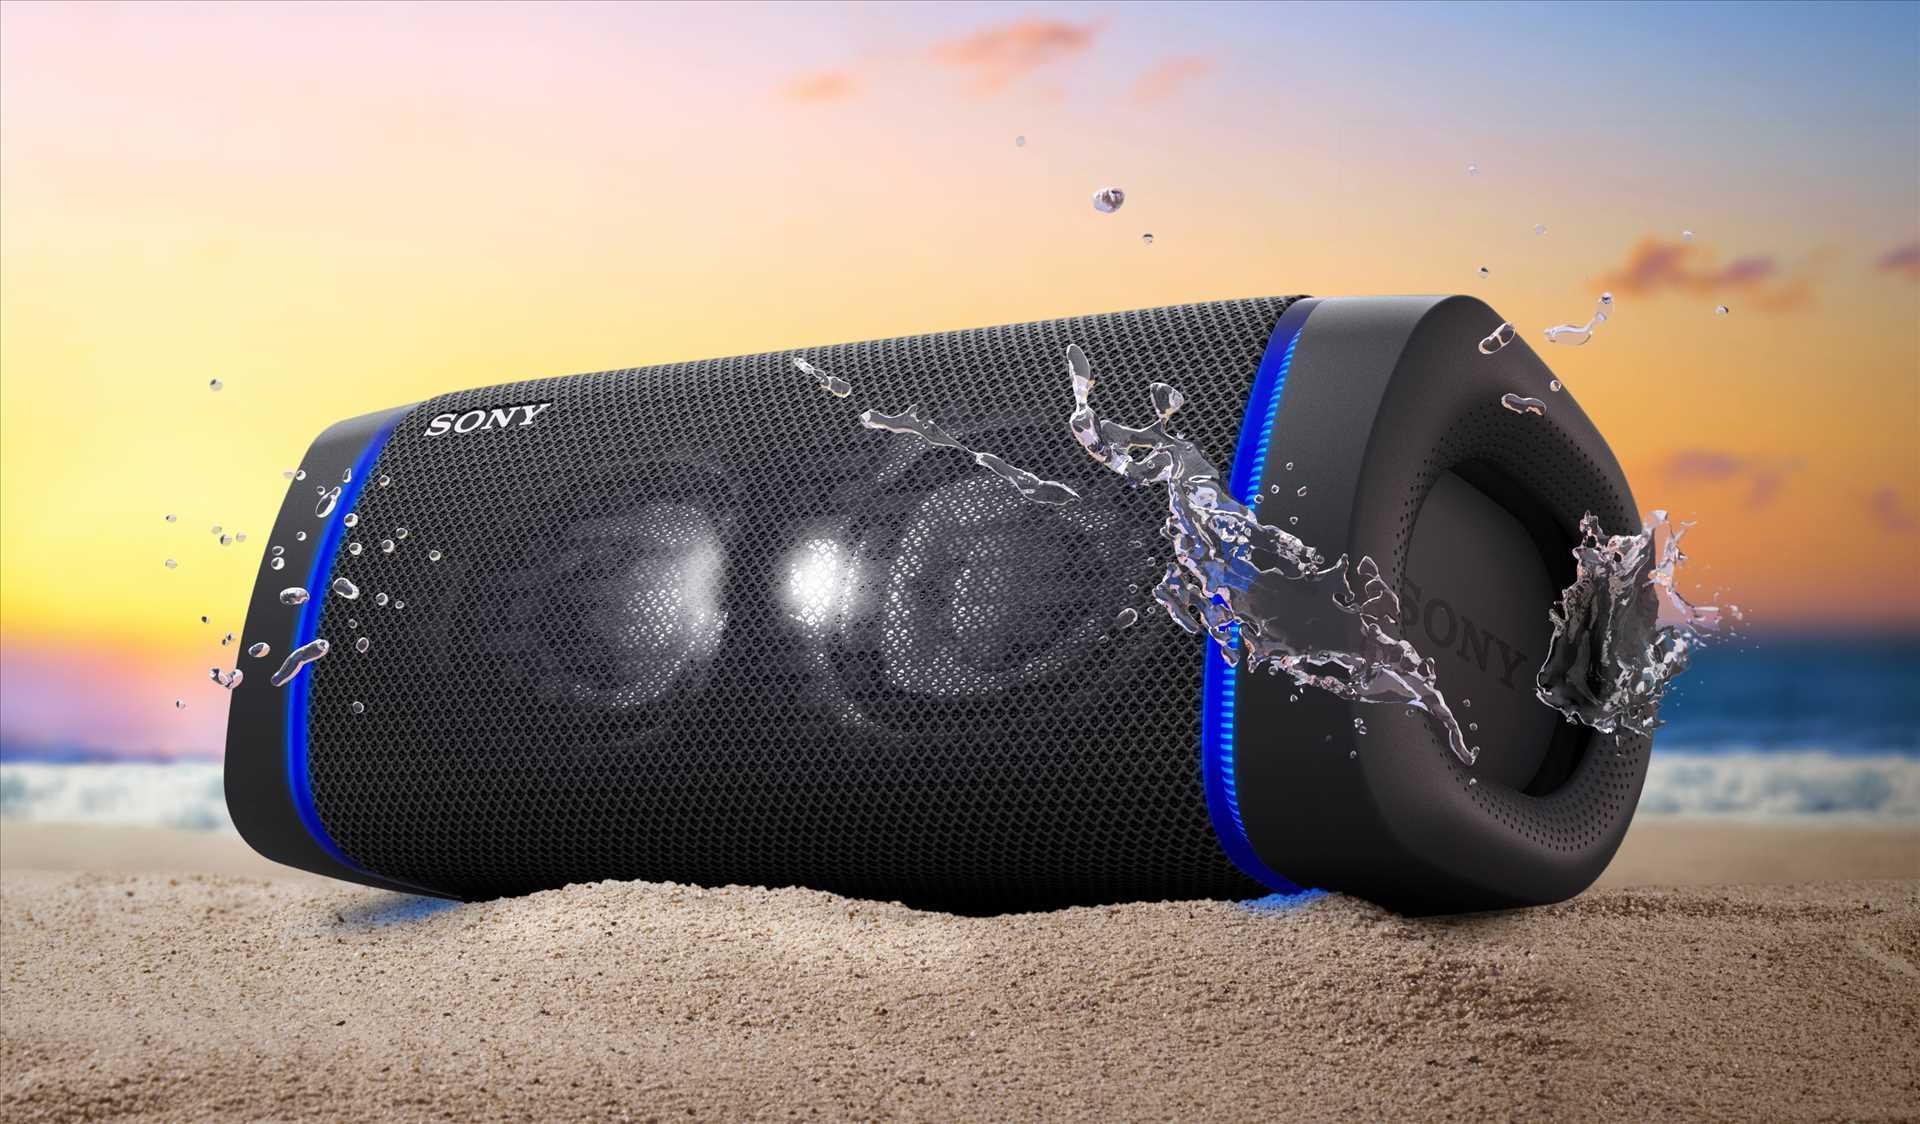 רמקול נייד סוני שחור SONY SRS-XB33B סוני - תמונה 16